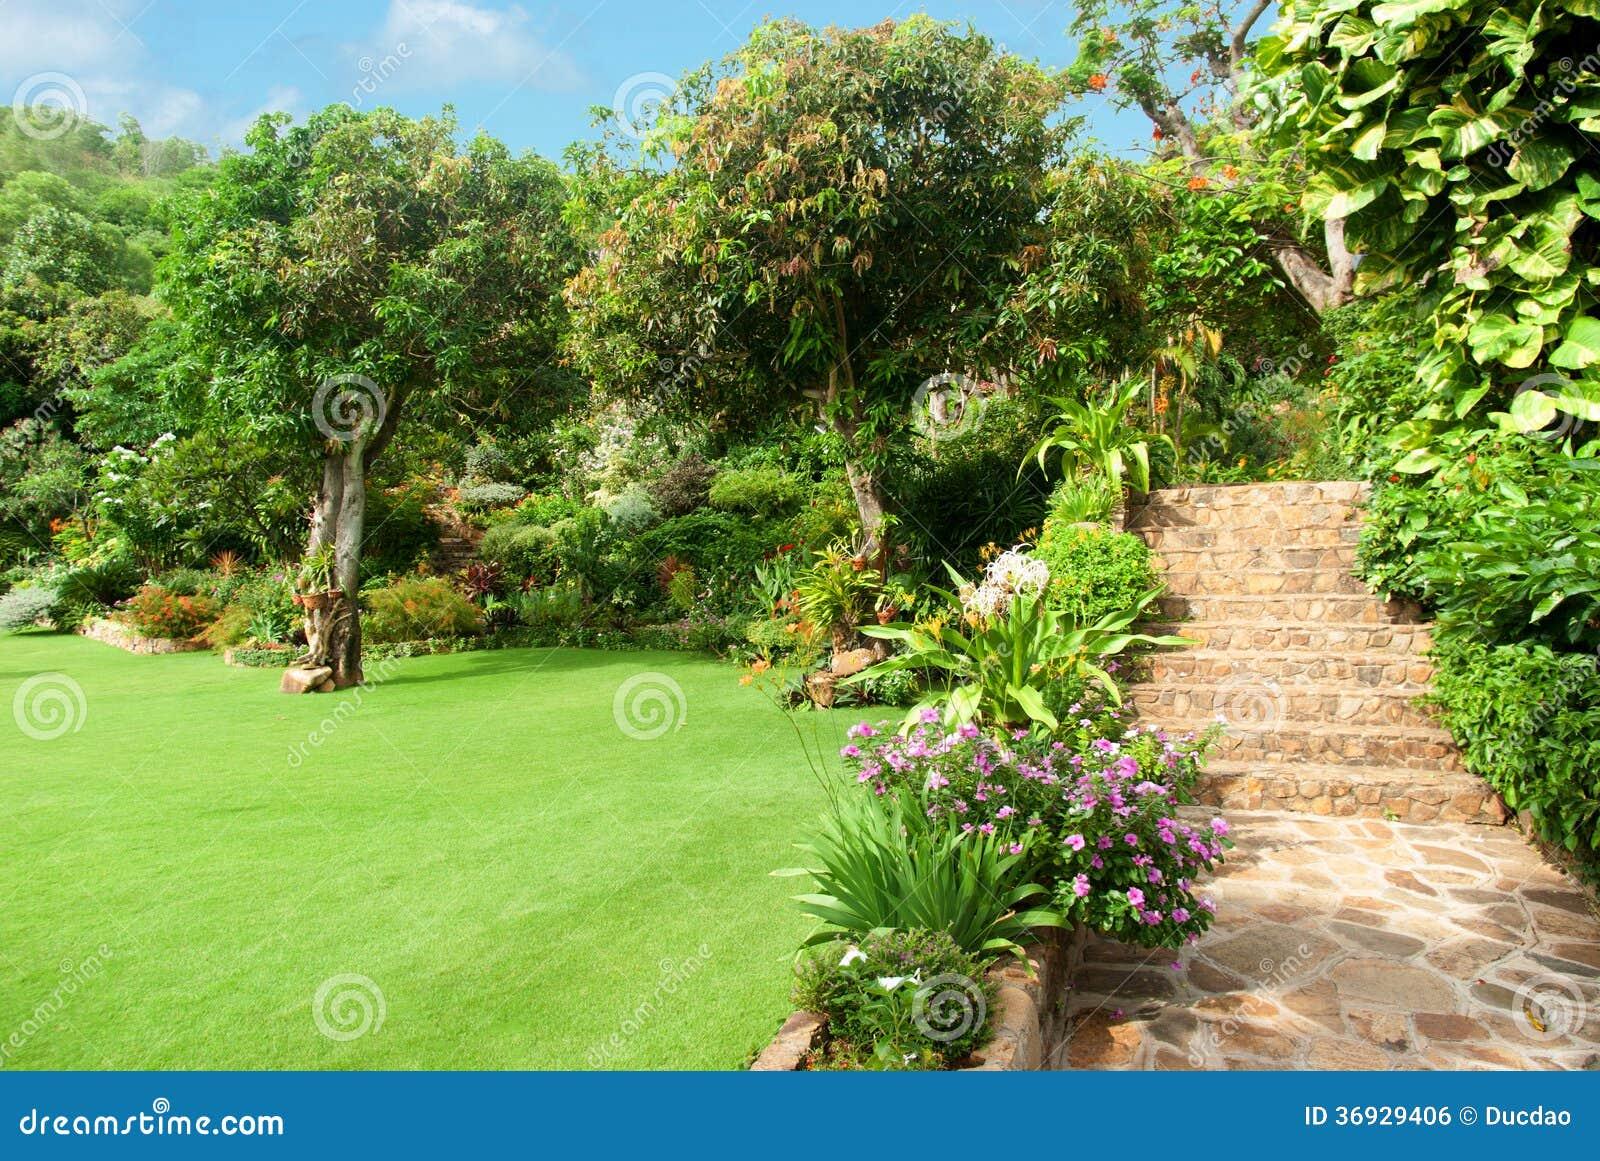 Am nagement en pierre naturel dans le jardin avec des - Amenagement jardin avec pierres ...